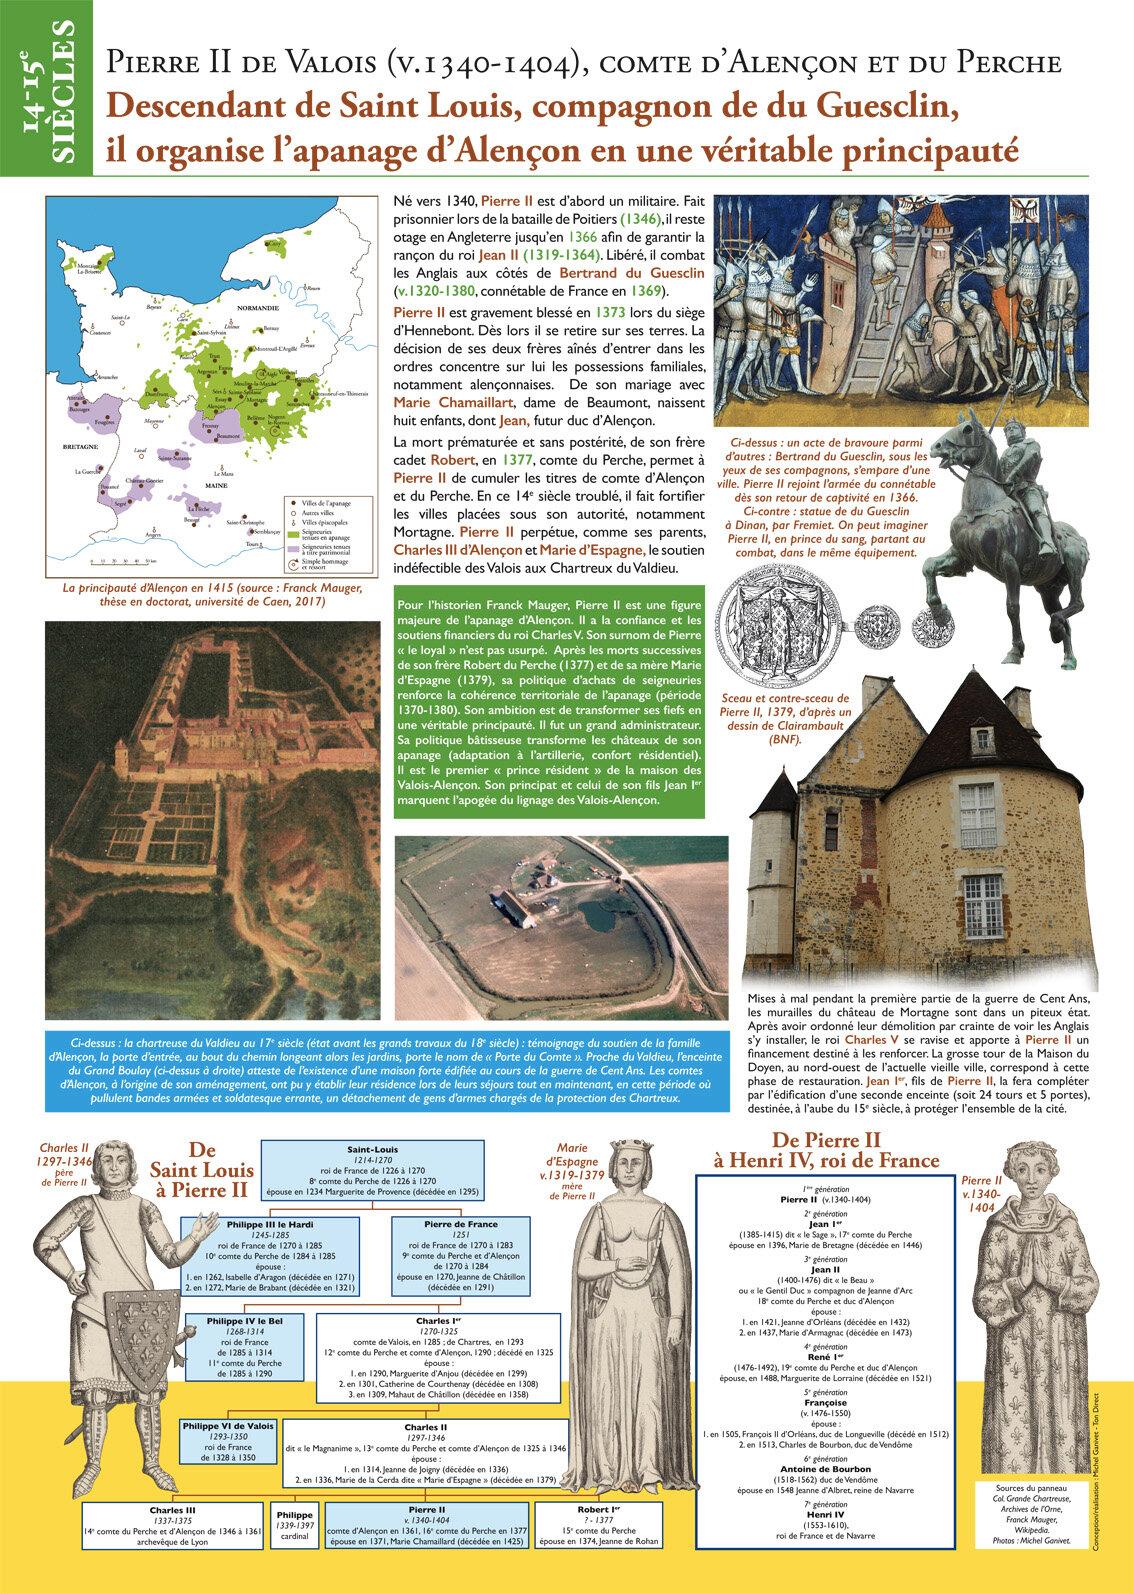 04 Pierre II Guerre de 100 ans (64x90 cm)